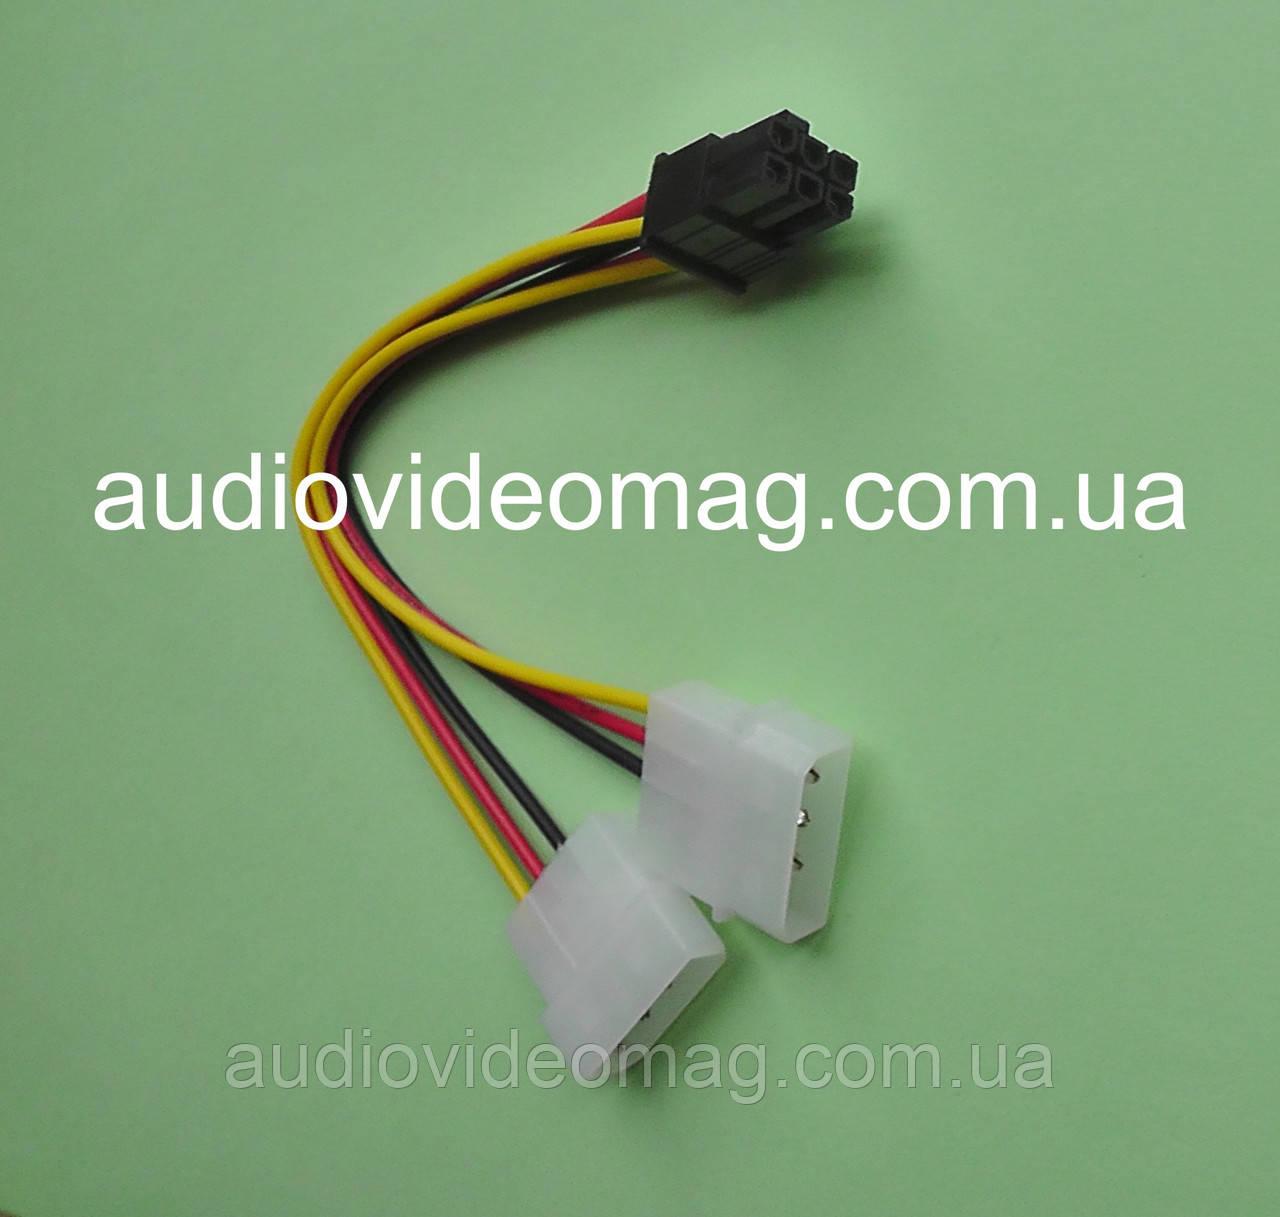 Кабель (переходник) питания 6 pin на 2 Molex, для видеокарт